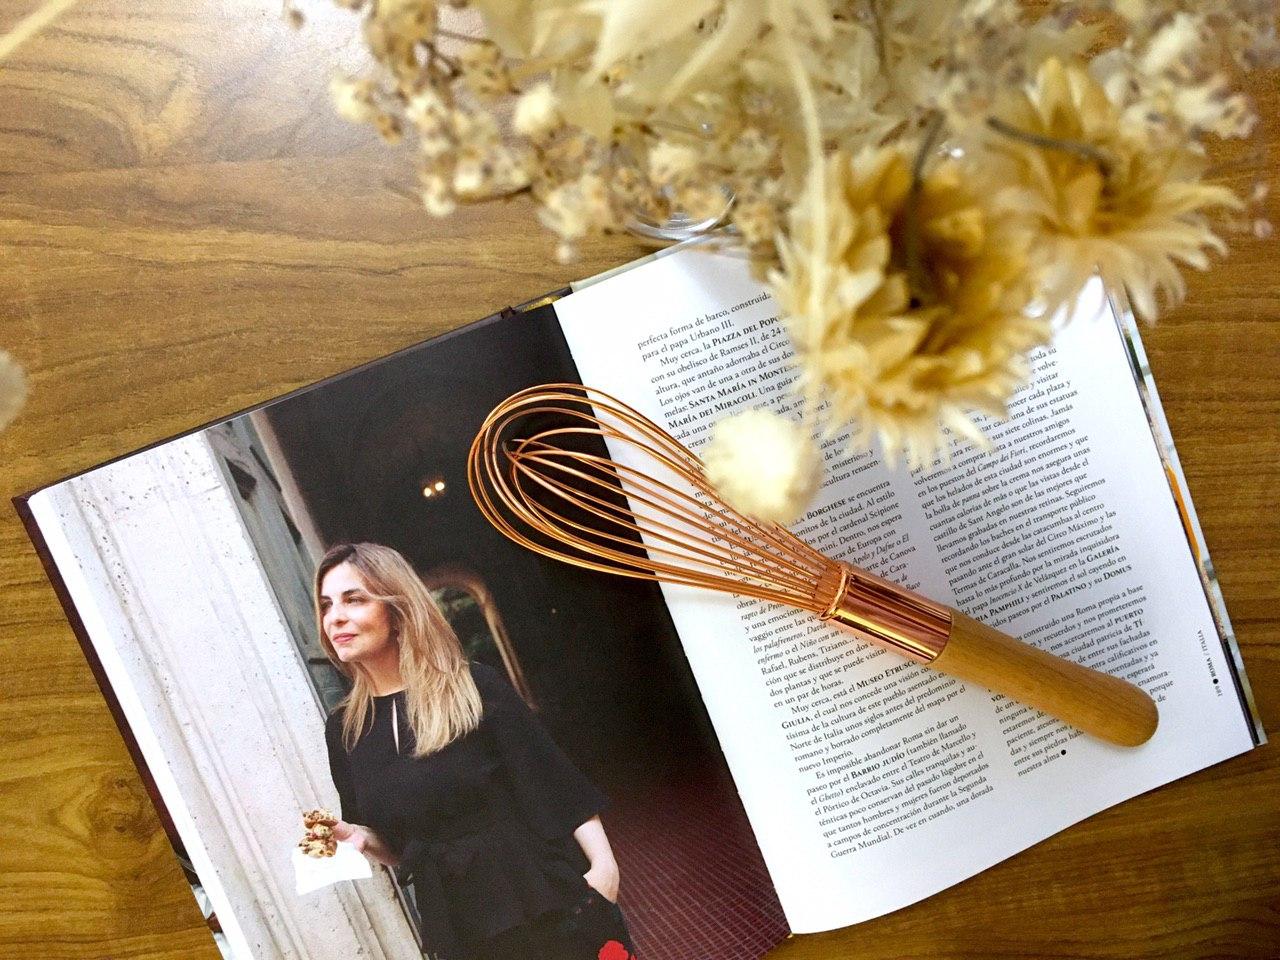 Literatura y gastronomía para un verano delicioso